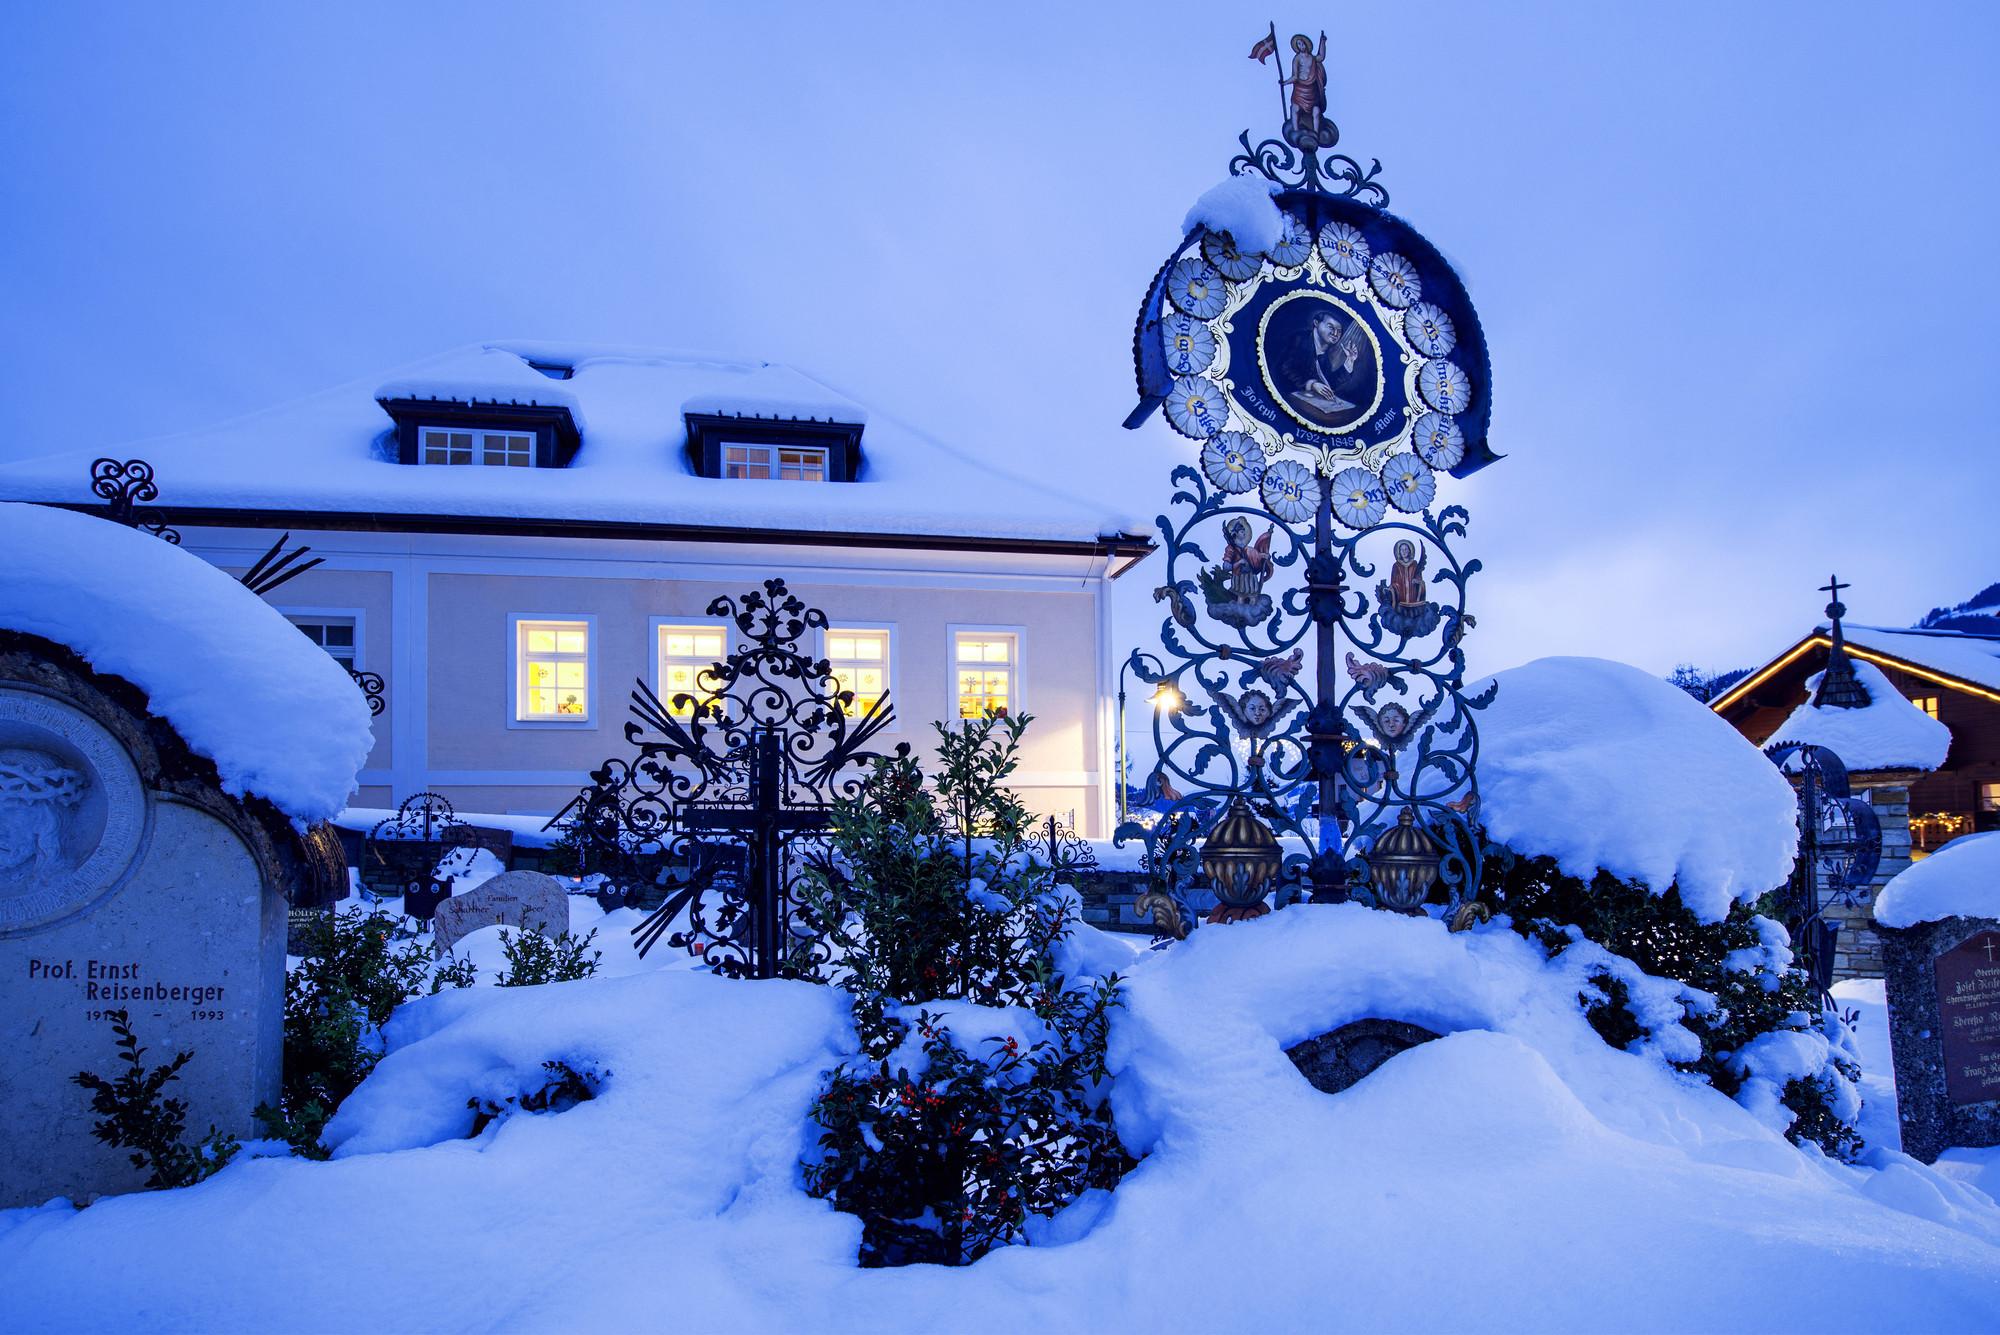 Verschneite Weihnachtsbilder.Silent Night Angebote Und Touren